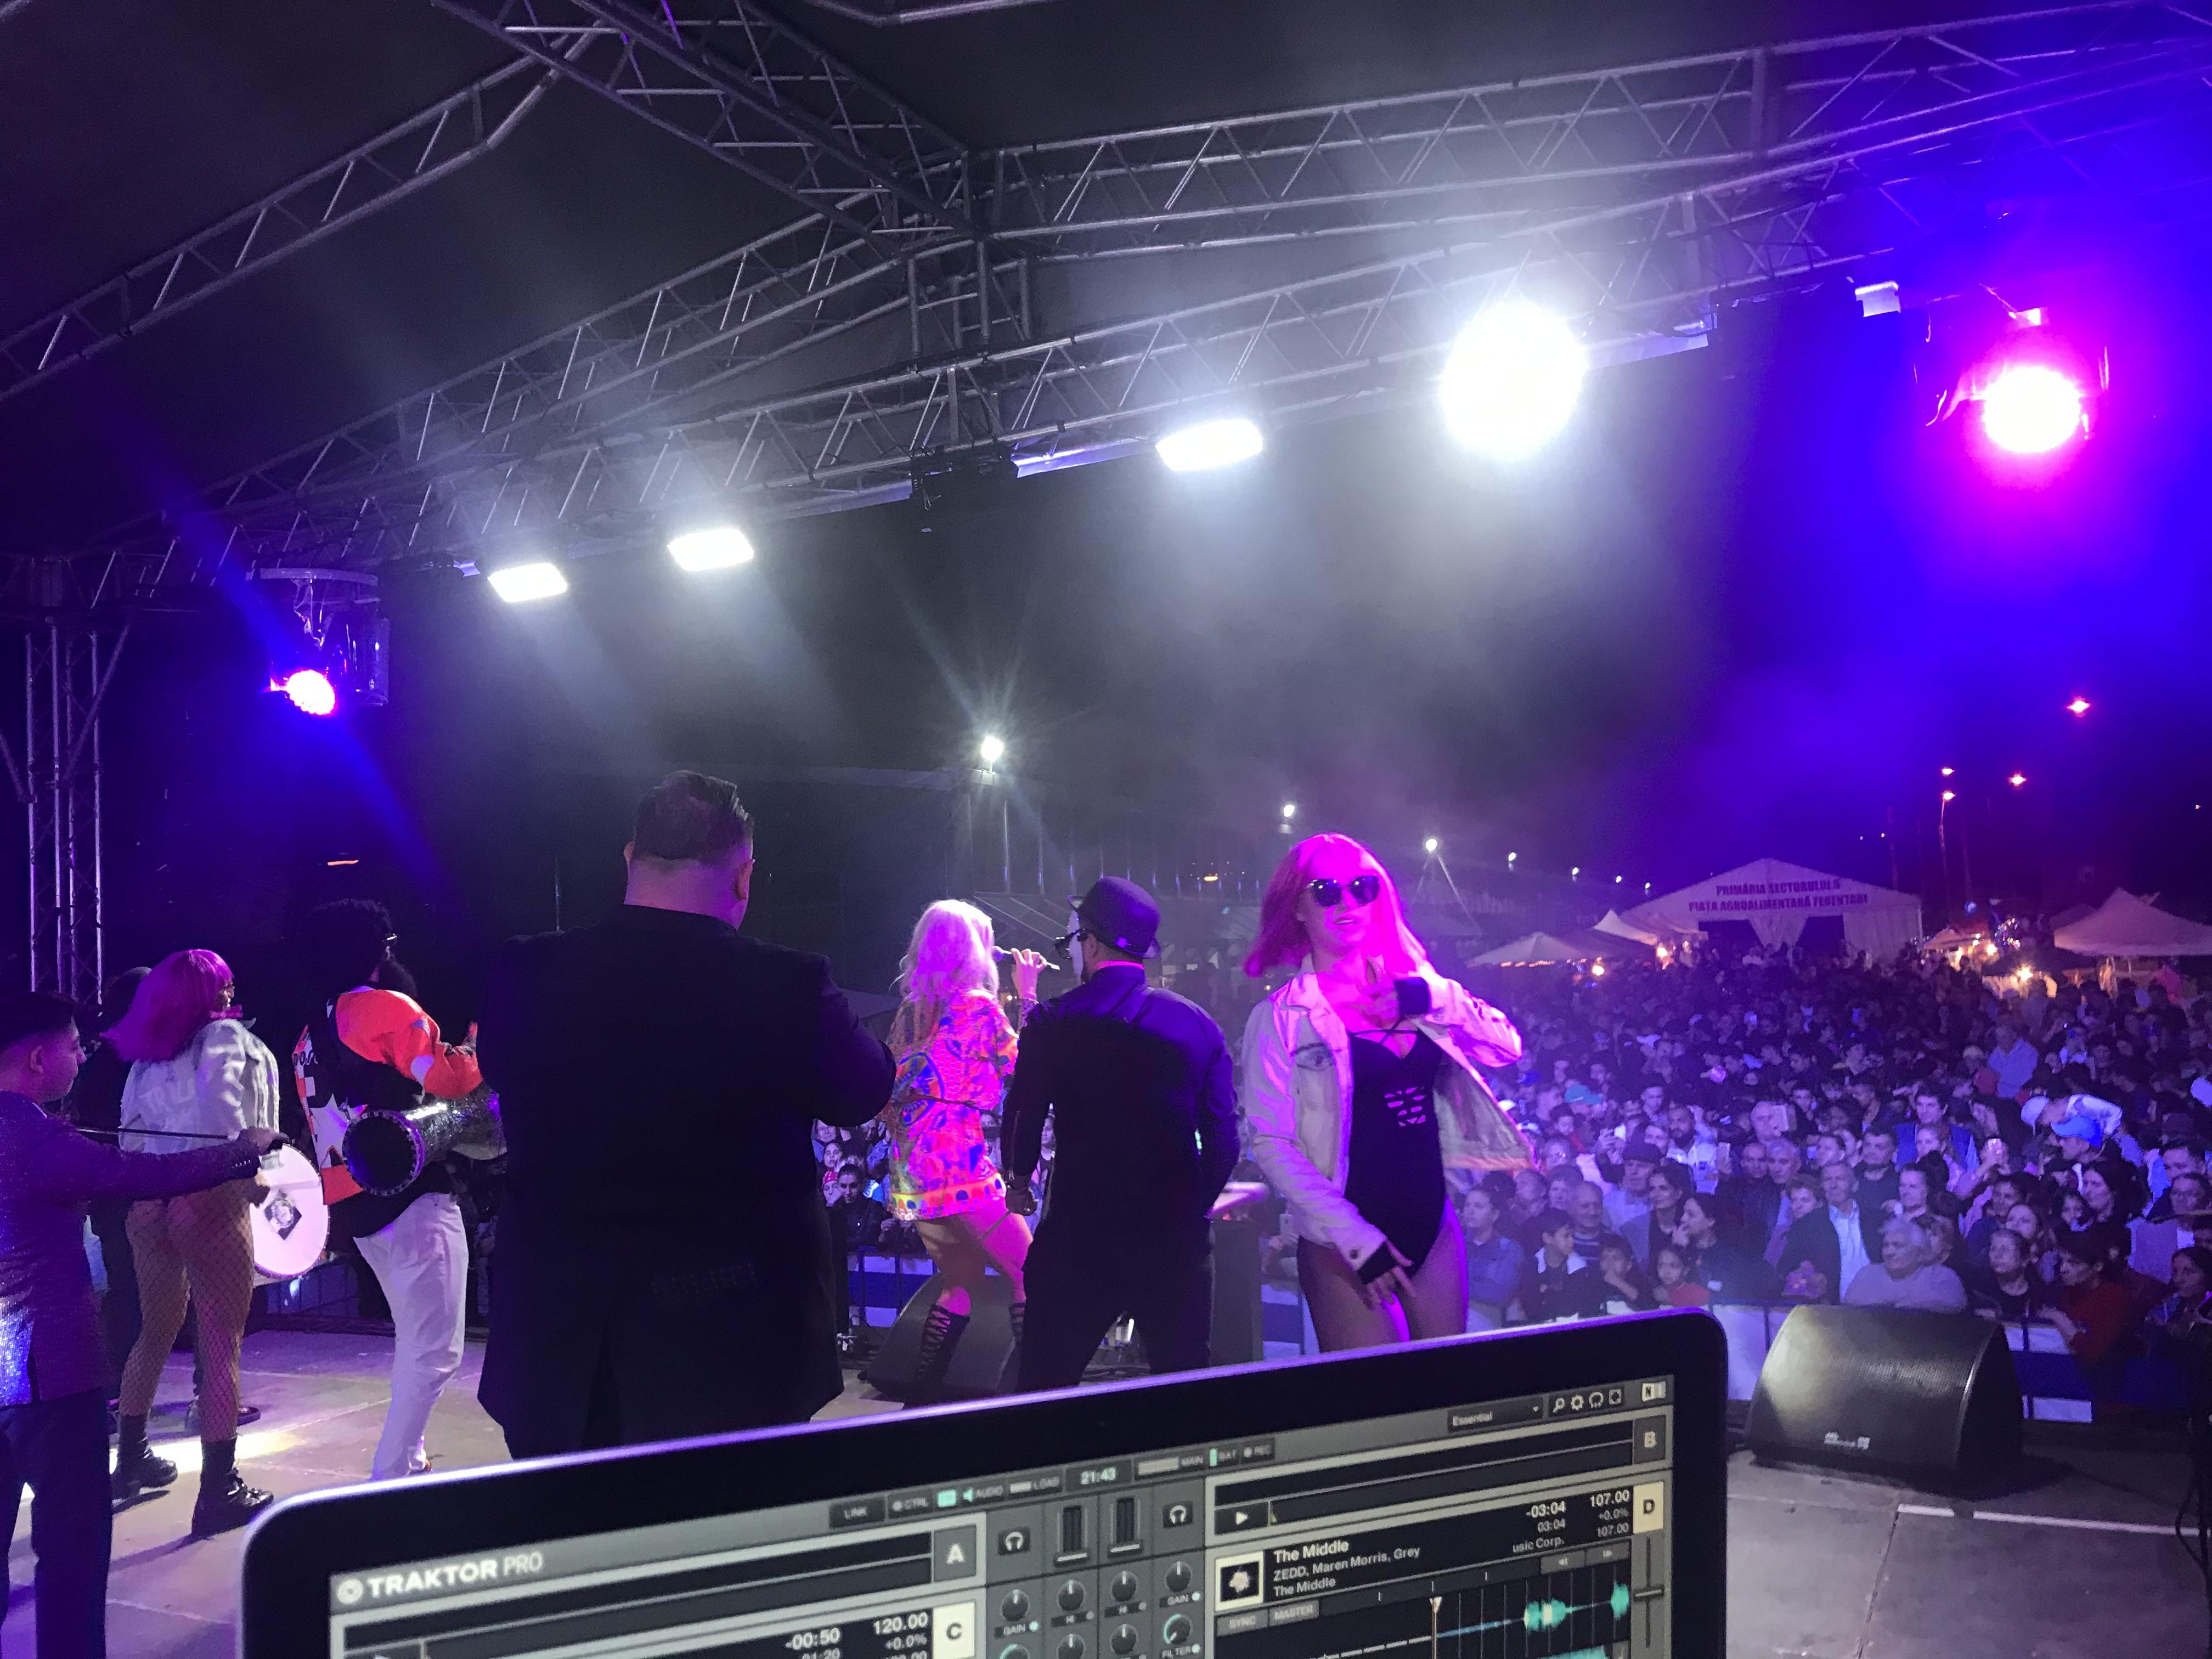 Dj Evenimente - Concert Primaria Sector 5